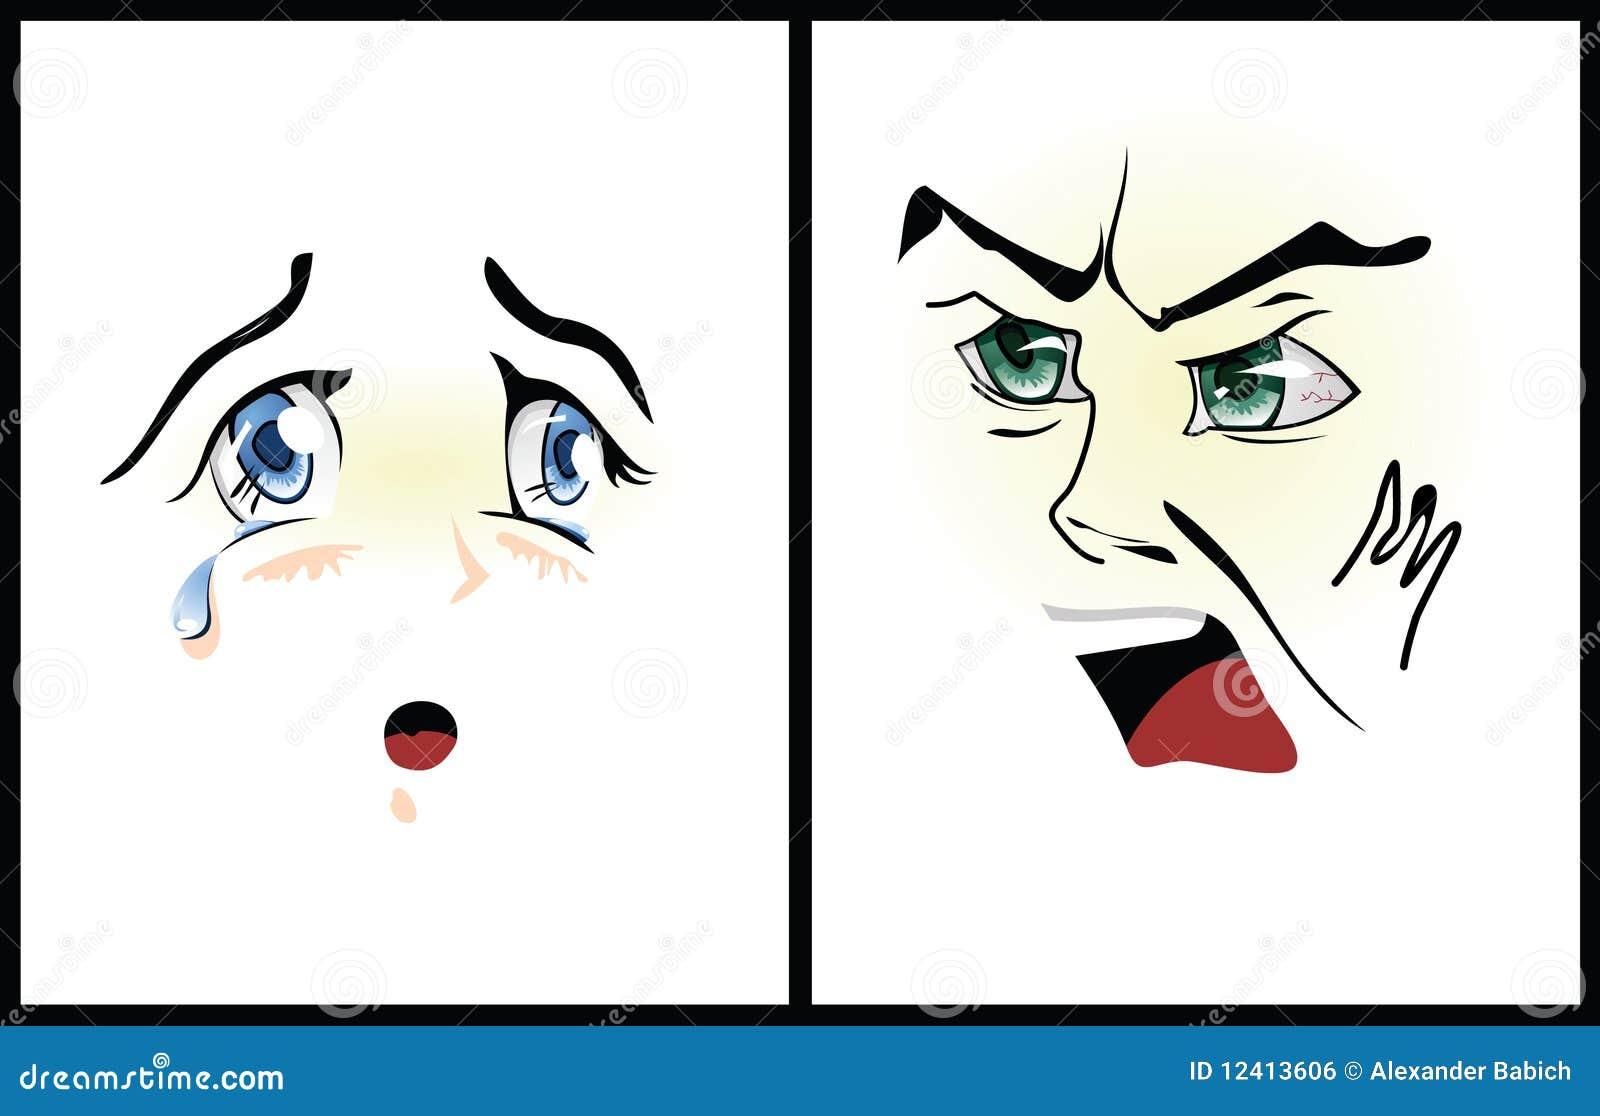 Des zornes und der traurigkeit abbildung in der art von anime